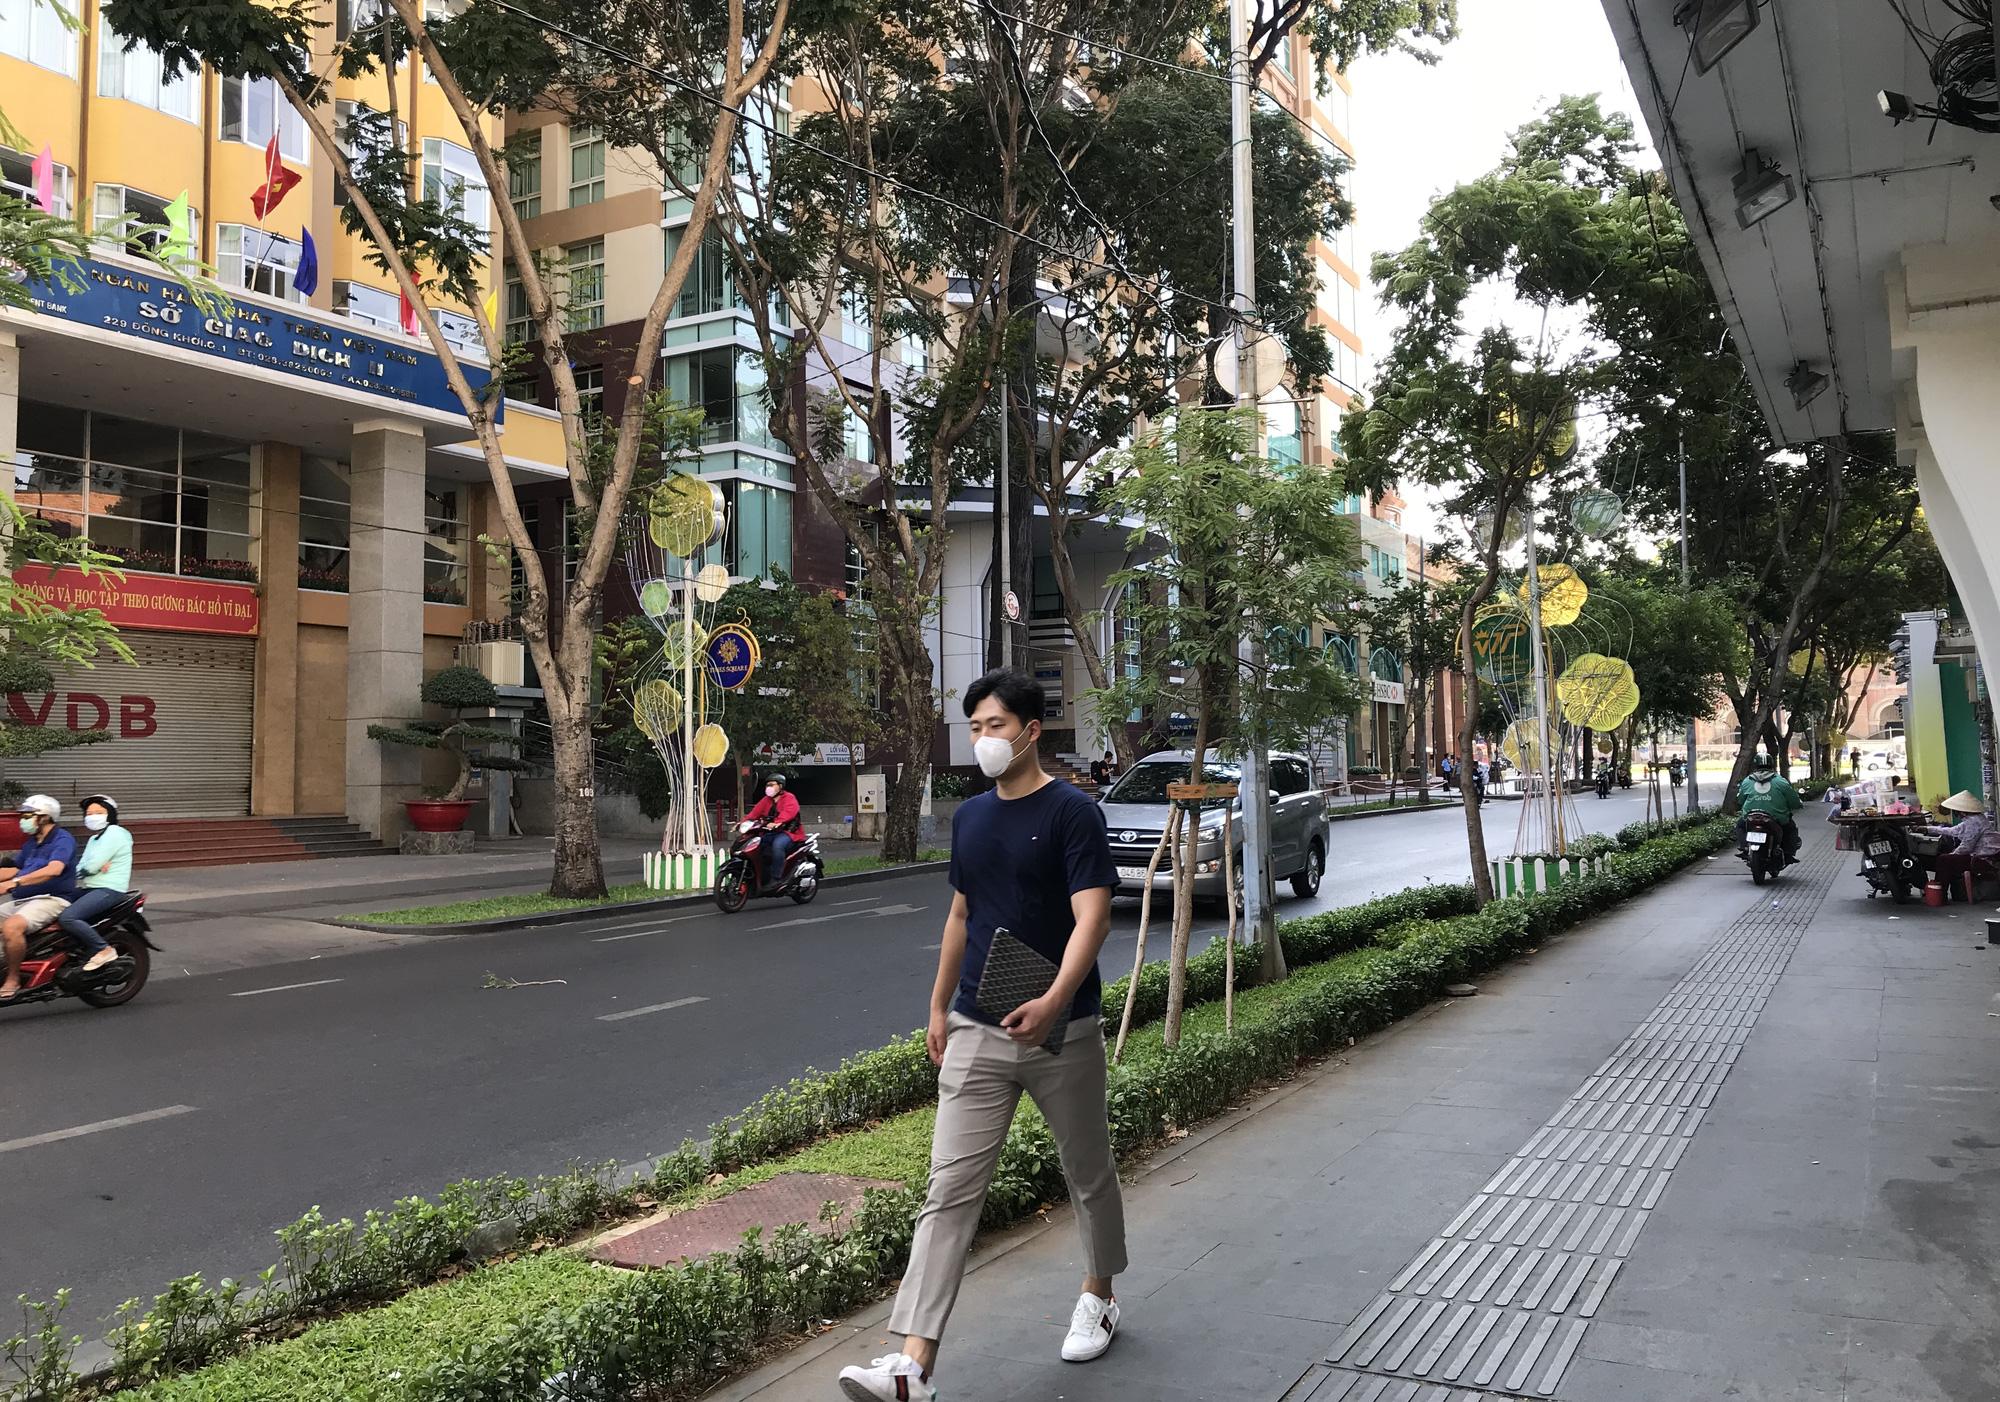 Liên tiếp xuất hiện ca nhiễm Covid-19, đường Sài Gòn vắng tanh, Vincom Đồng Khởi không một bóng người - Ảnh 14.